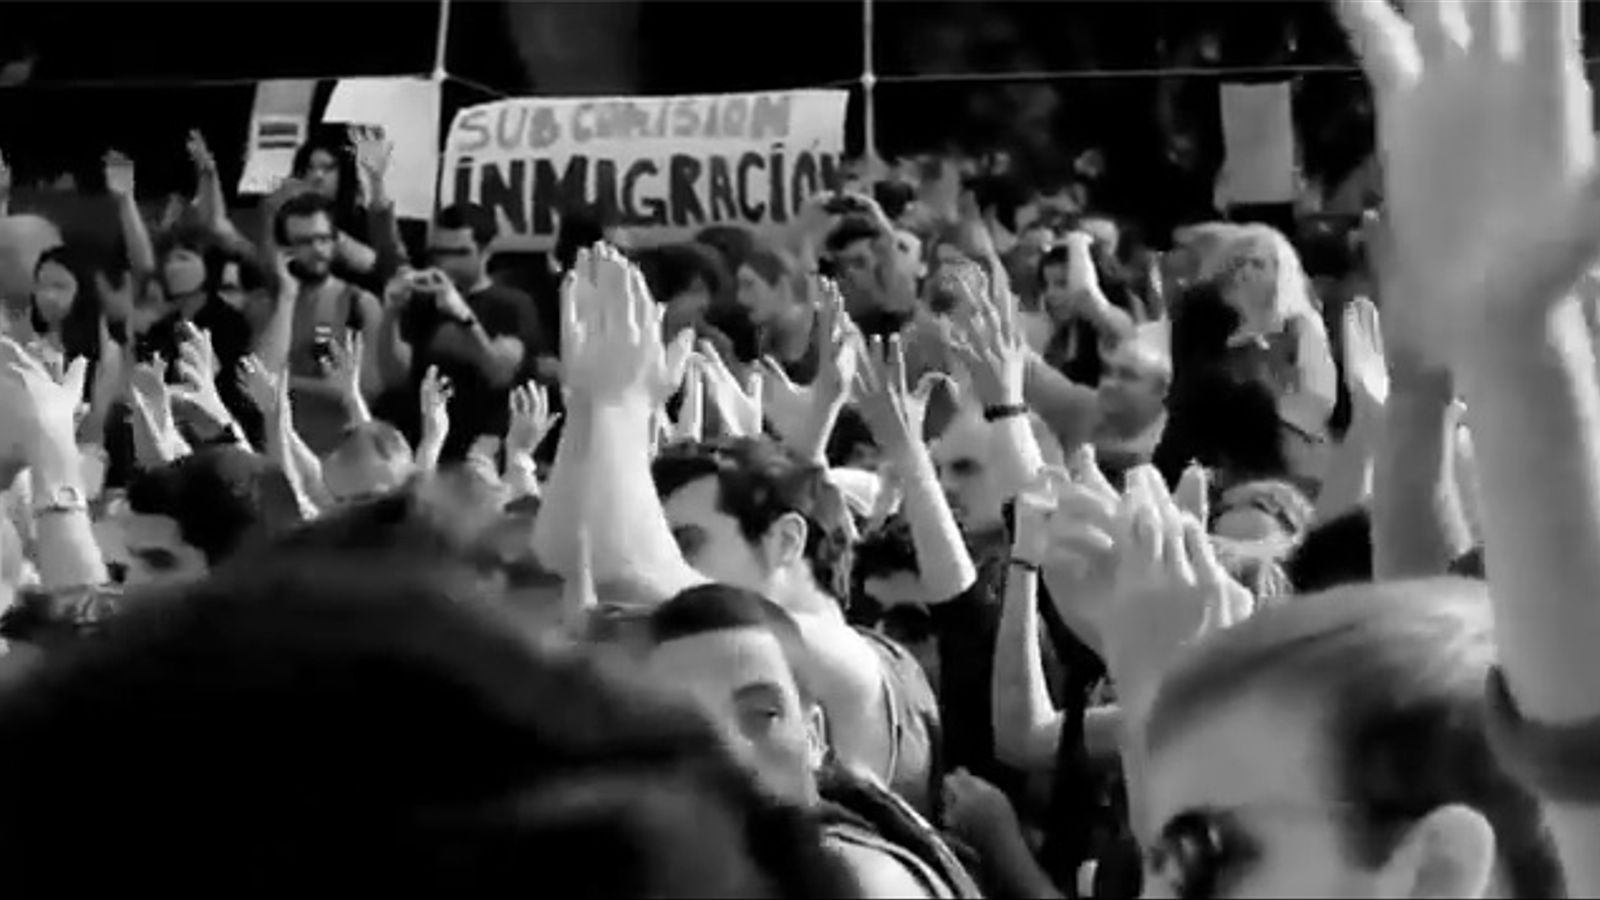 El videoclip de la càrrega policial contra els 'indignats' de Barcelona